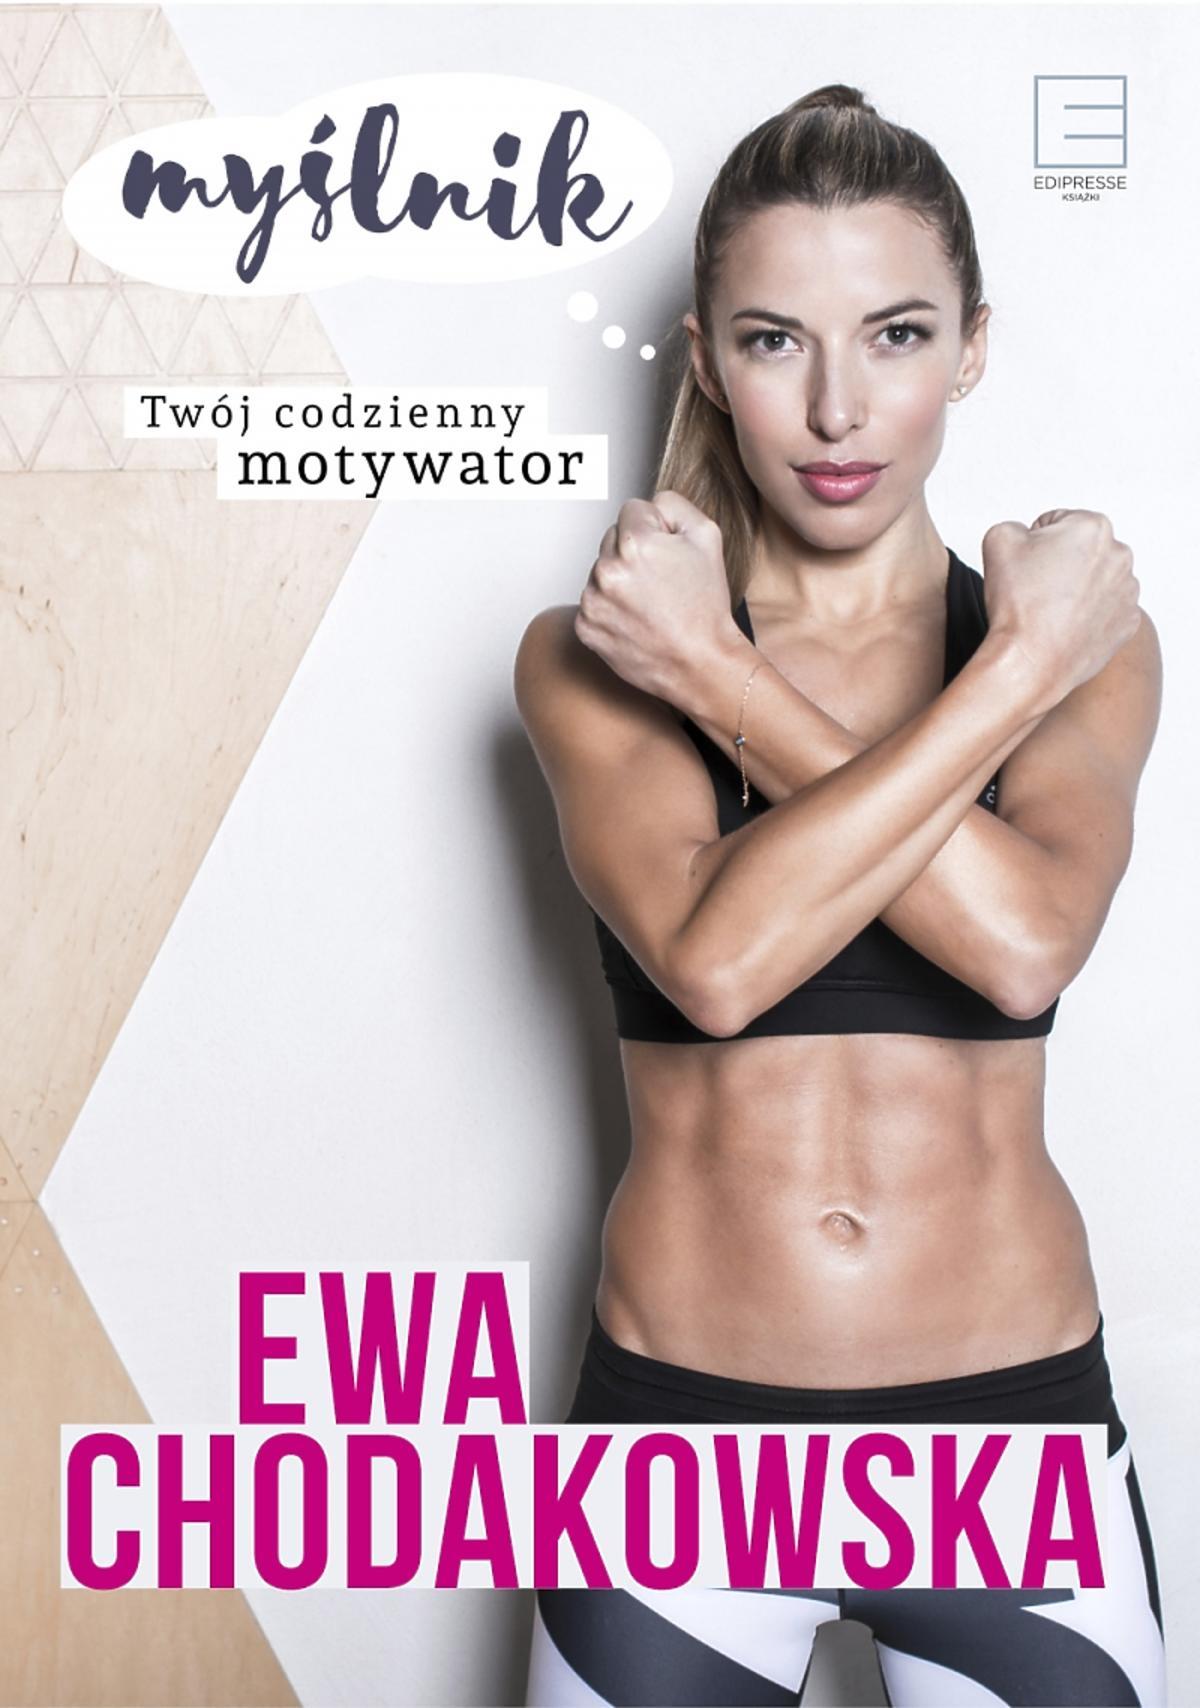 Okładka nowej książki Ewy Chodakowskiej - Myślnik